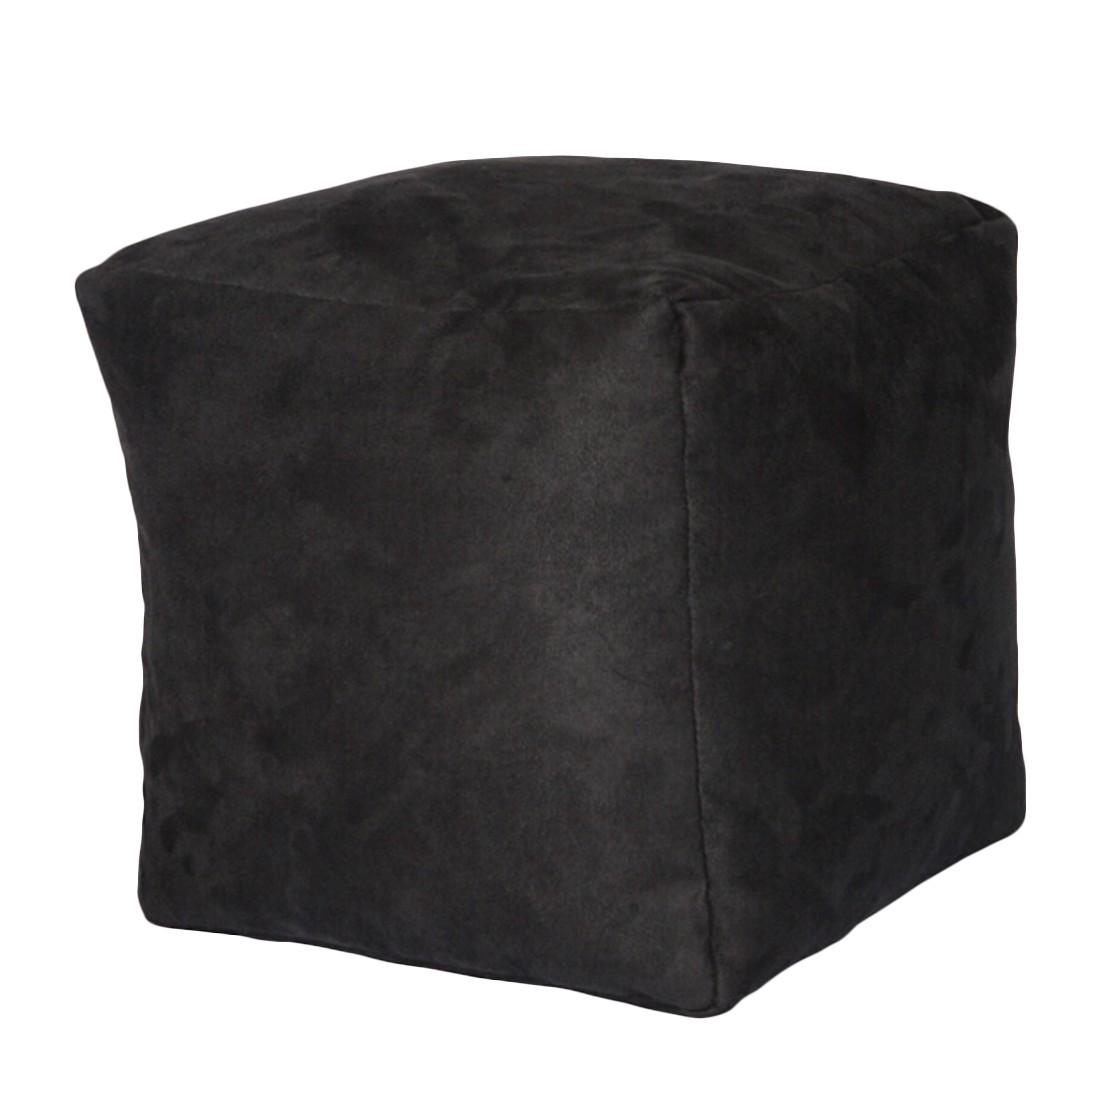 Sitzwürfel Alka anthrazit klein – 30 x 30 cm, KC-Handel online bestellen